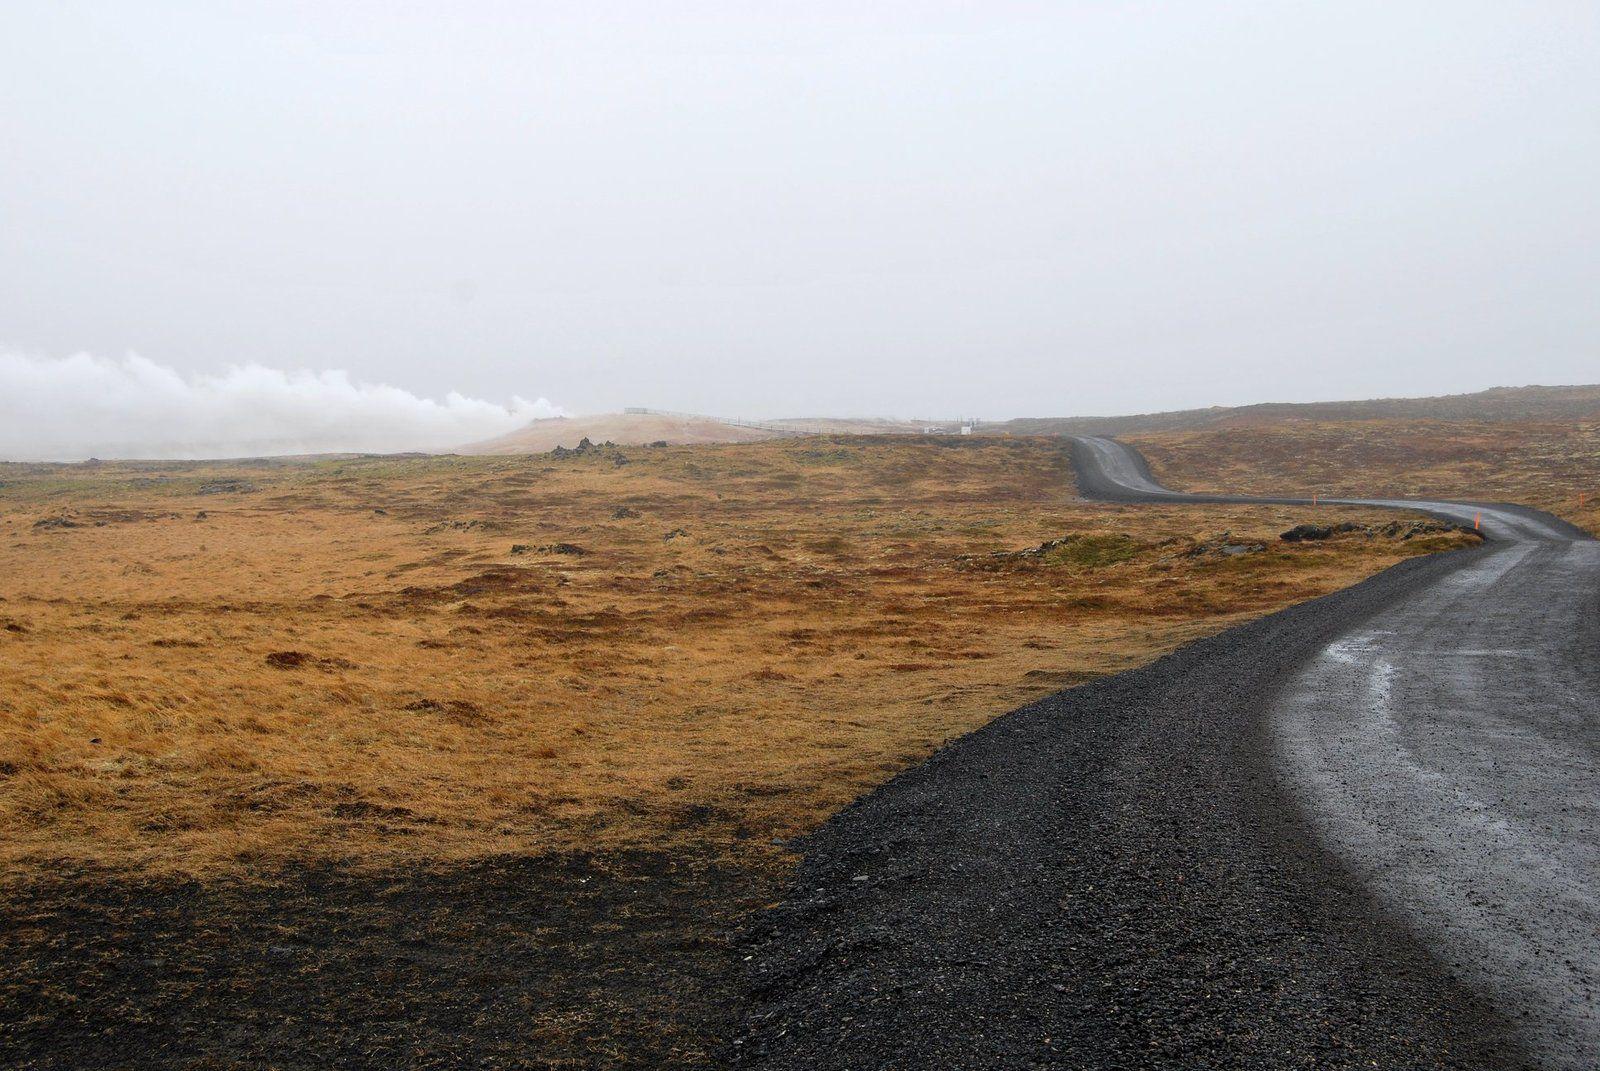 Une odeur d'oeuf pourri nous indique qu'on arrive au site géothermique de Gunnuhver